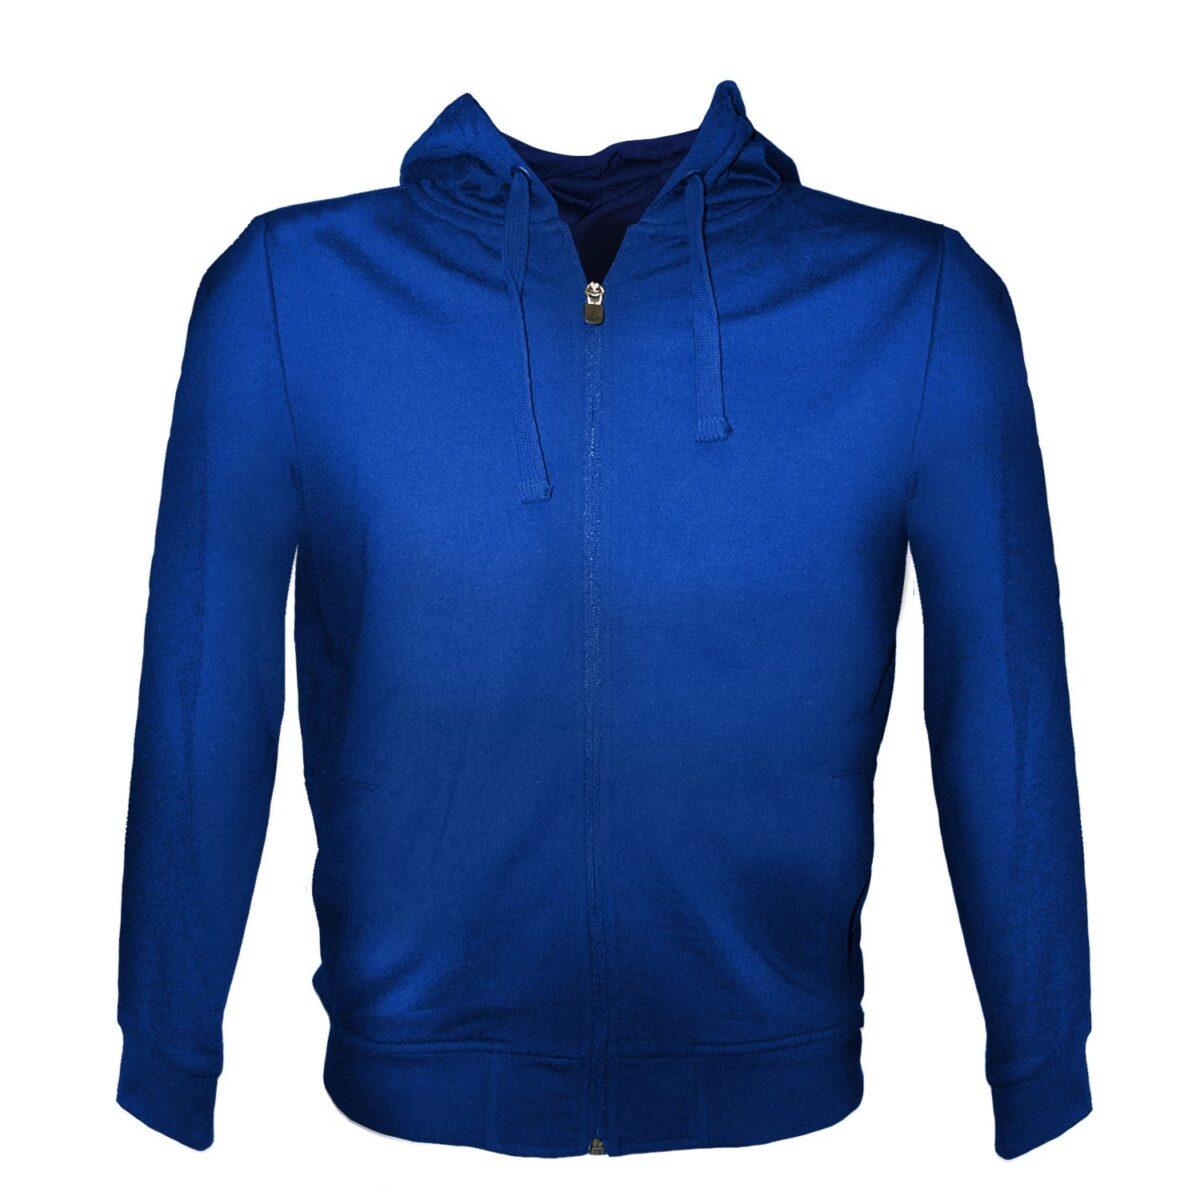 Felpa con zip blu royal